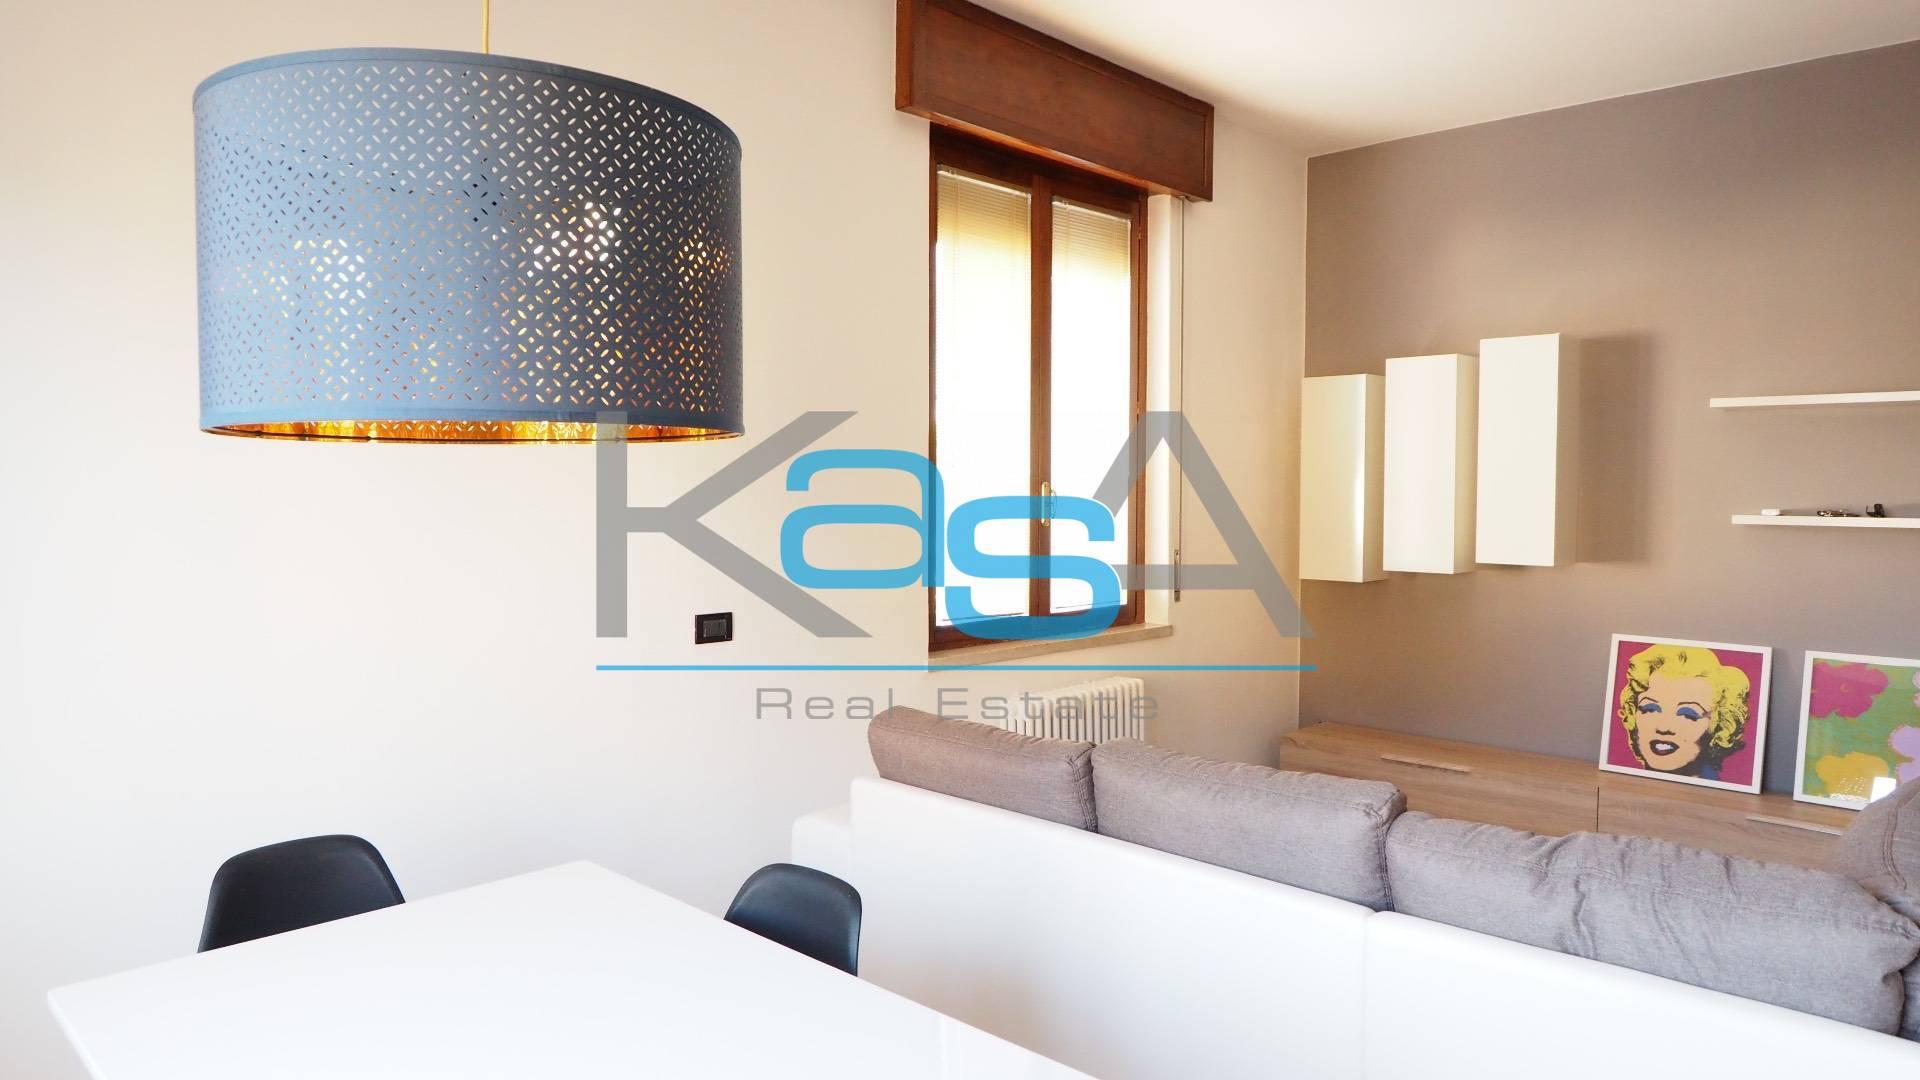 Appartamento in affitto a Treviso, 4 locali, zona Località: IntornoMura, prezzo € 650 | CambioCasa.it